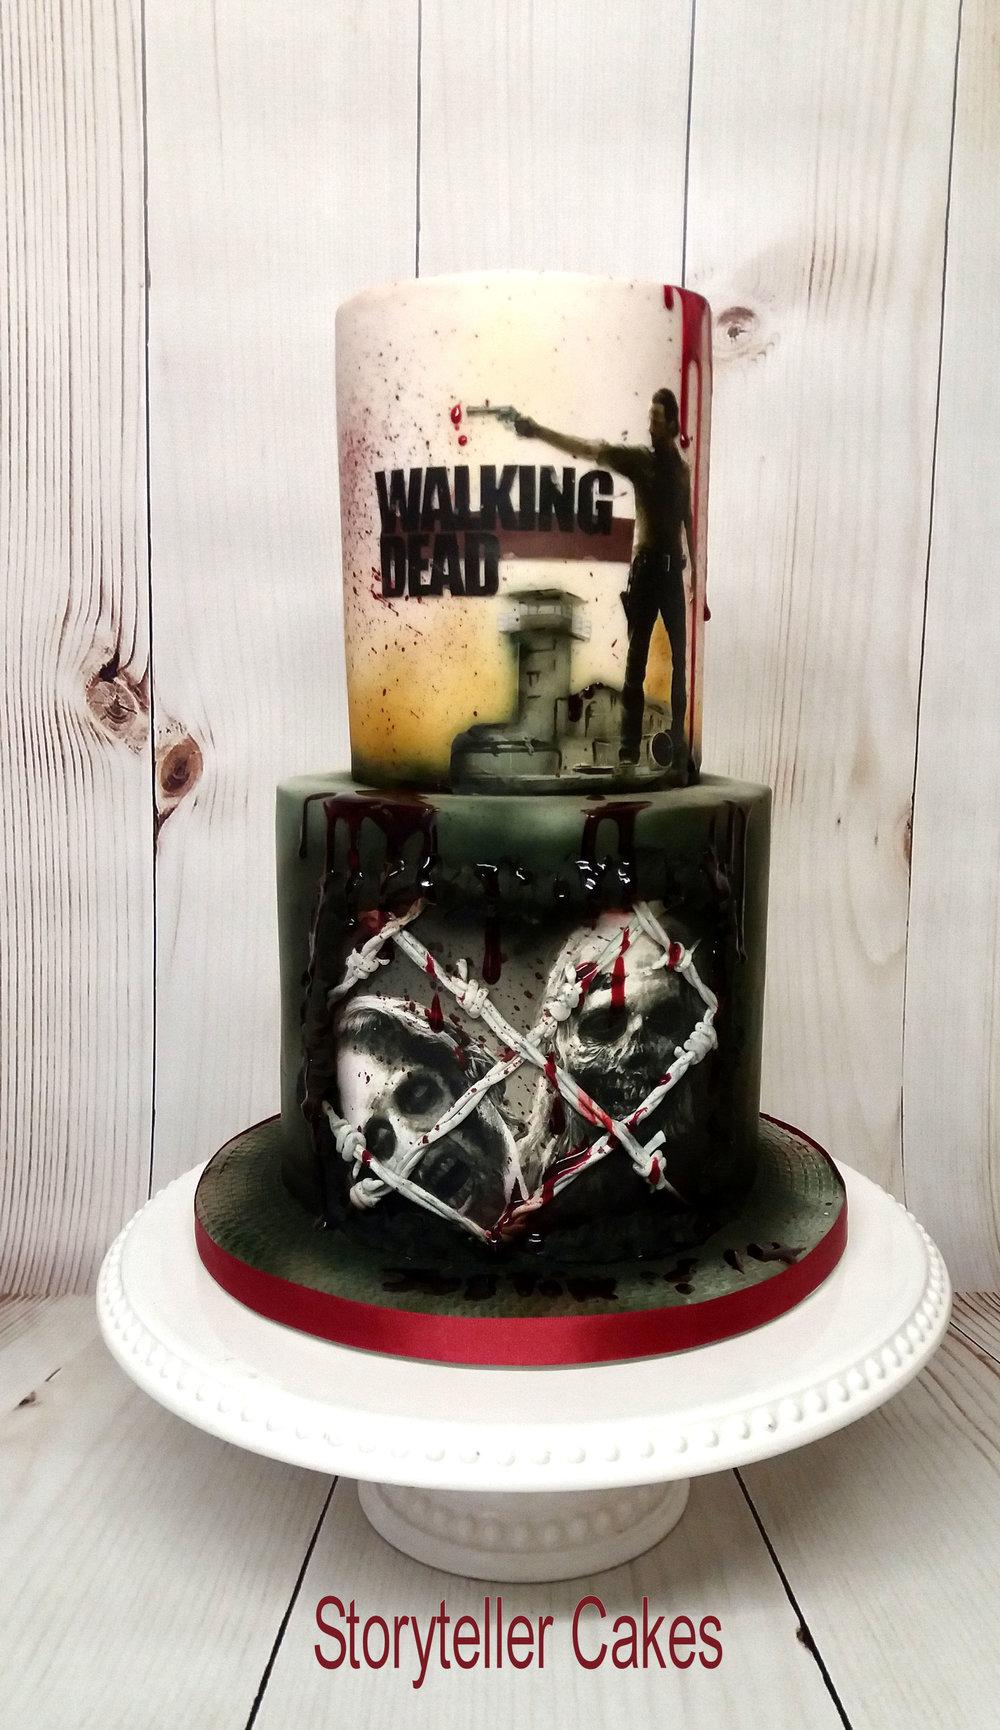 Walking Dead Cake 1.jpg